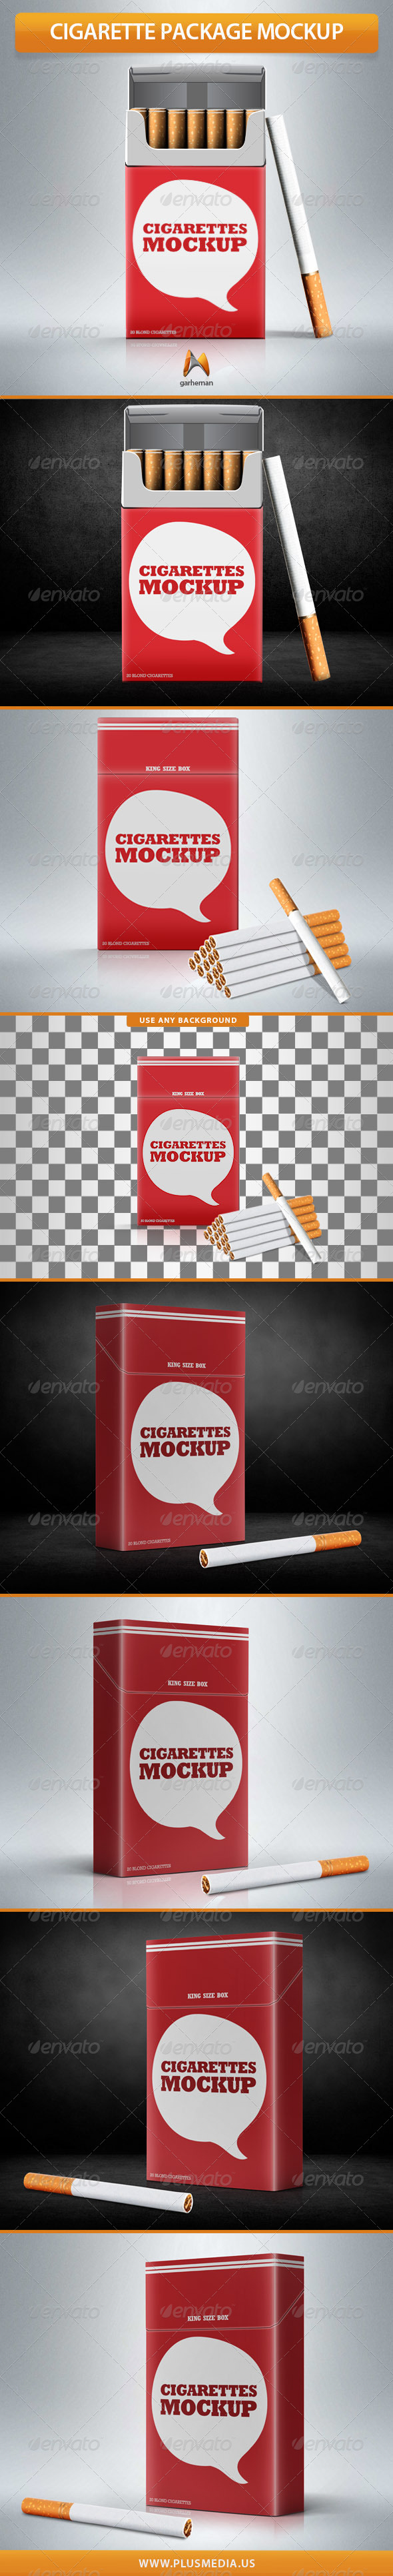 Cigarette Package Mock-Up